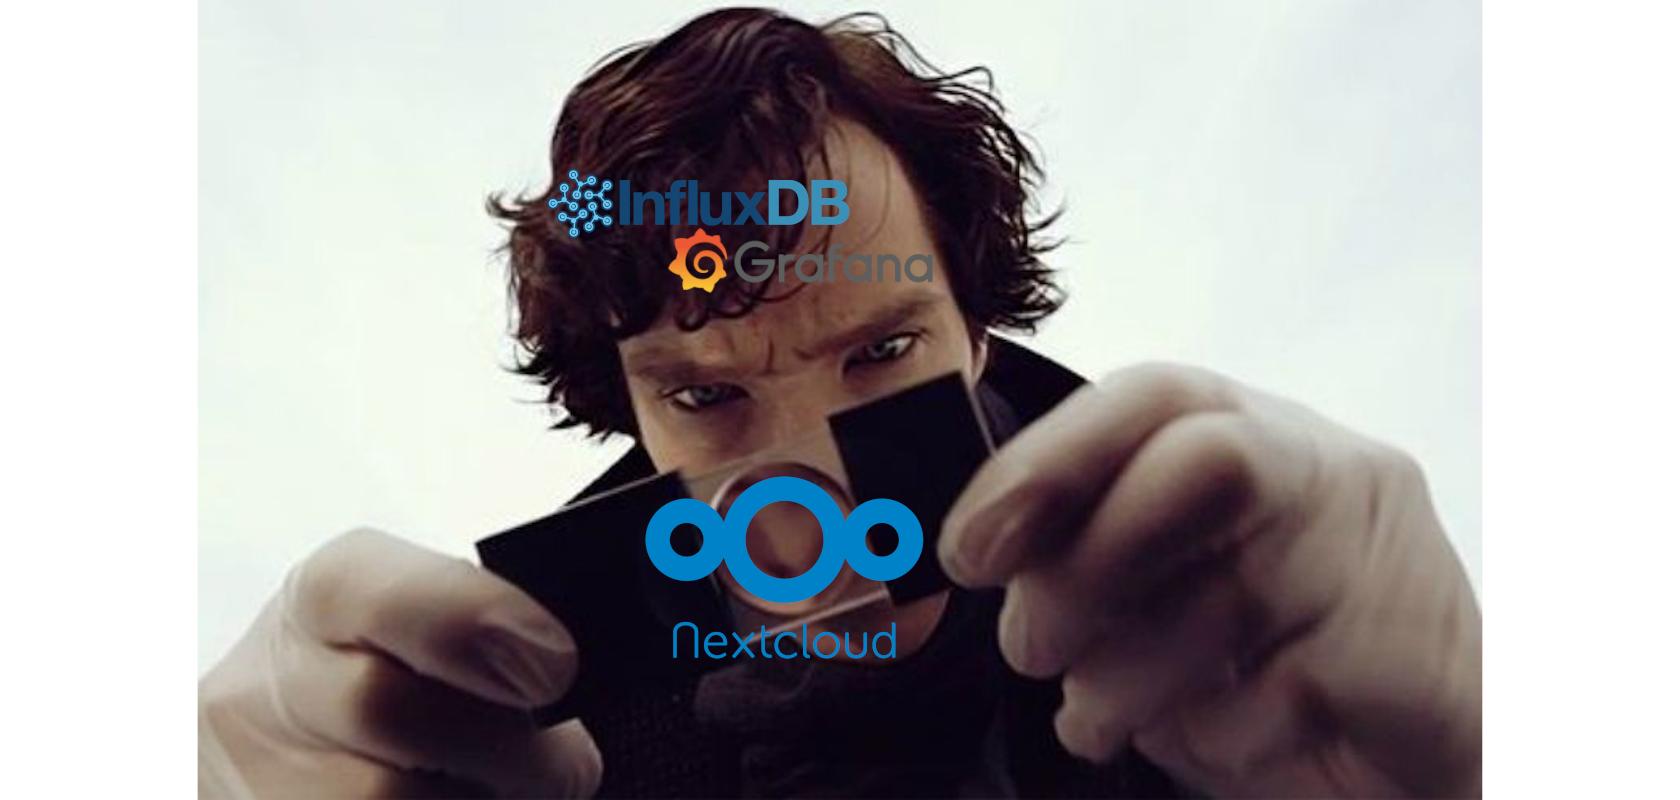 Nextcloud - Grafana